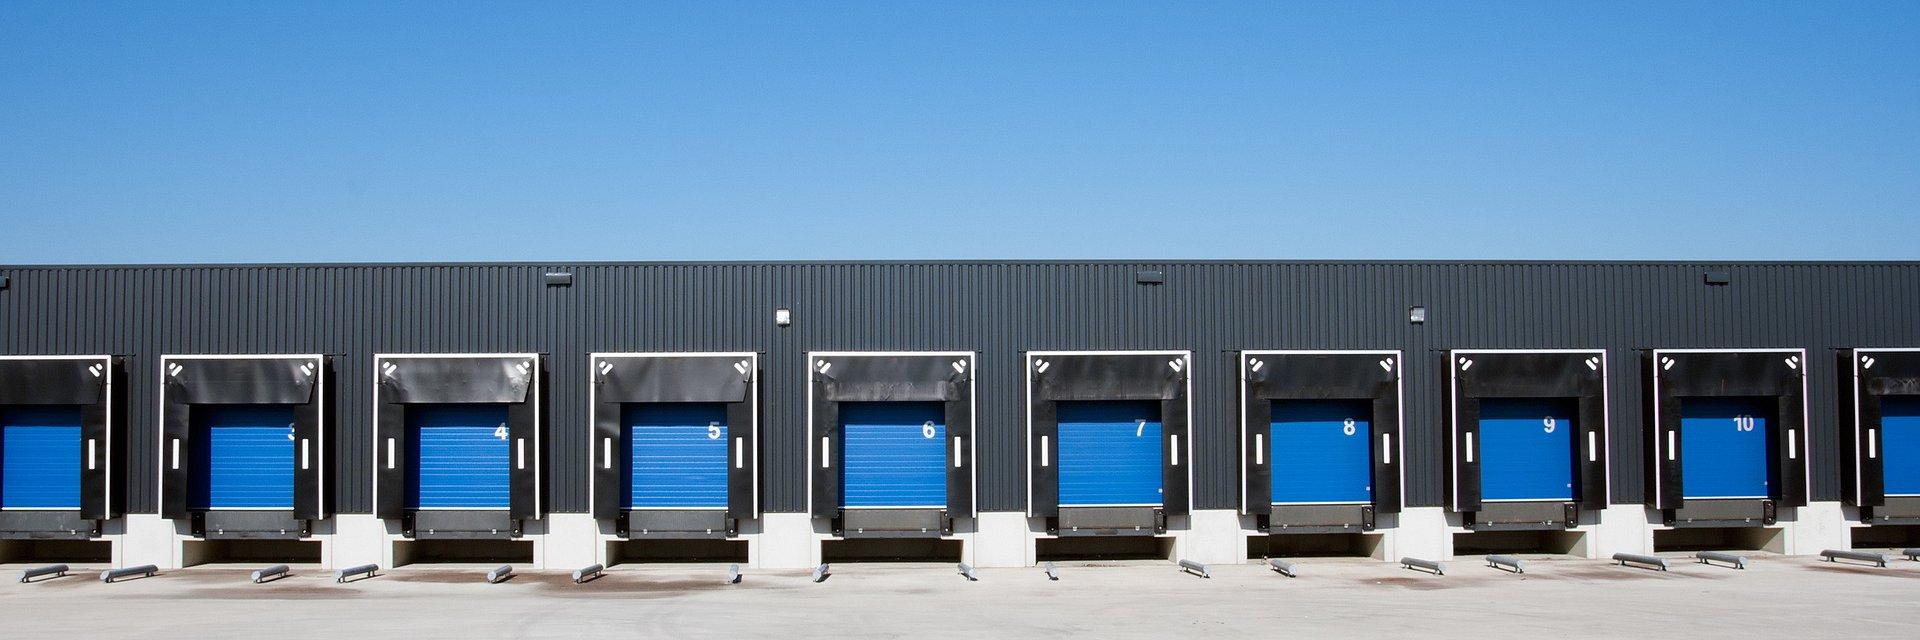 Logistika v oblasti nemovitostí: Podrobný pohled na odvětví